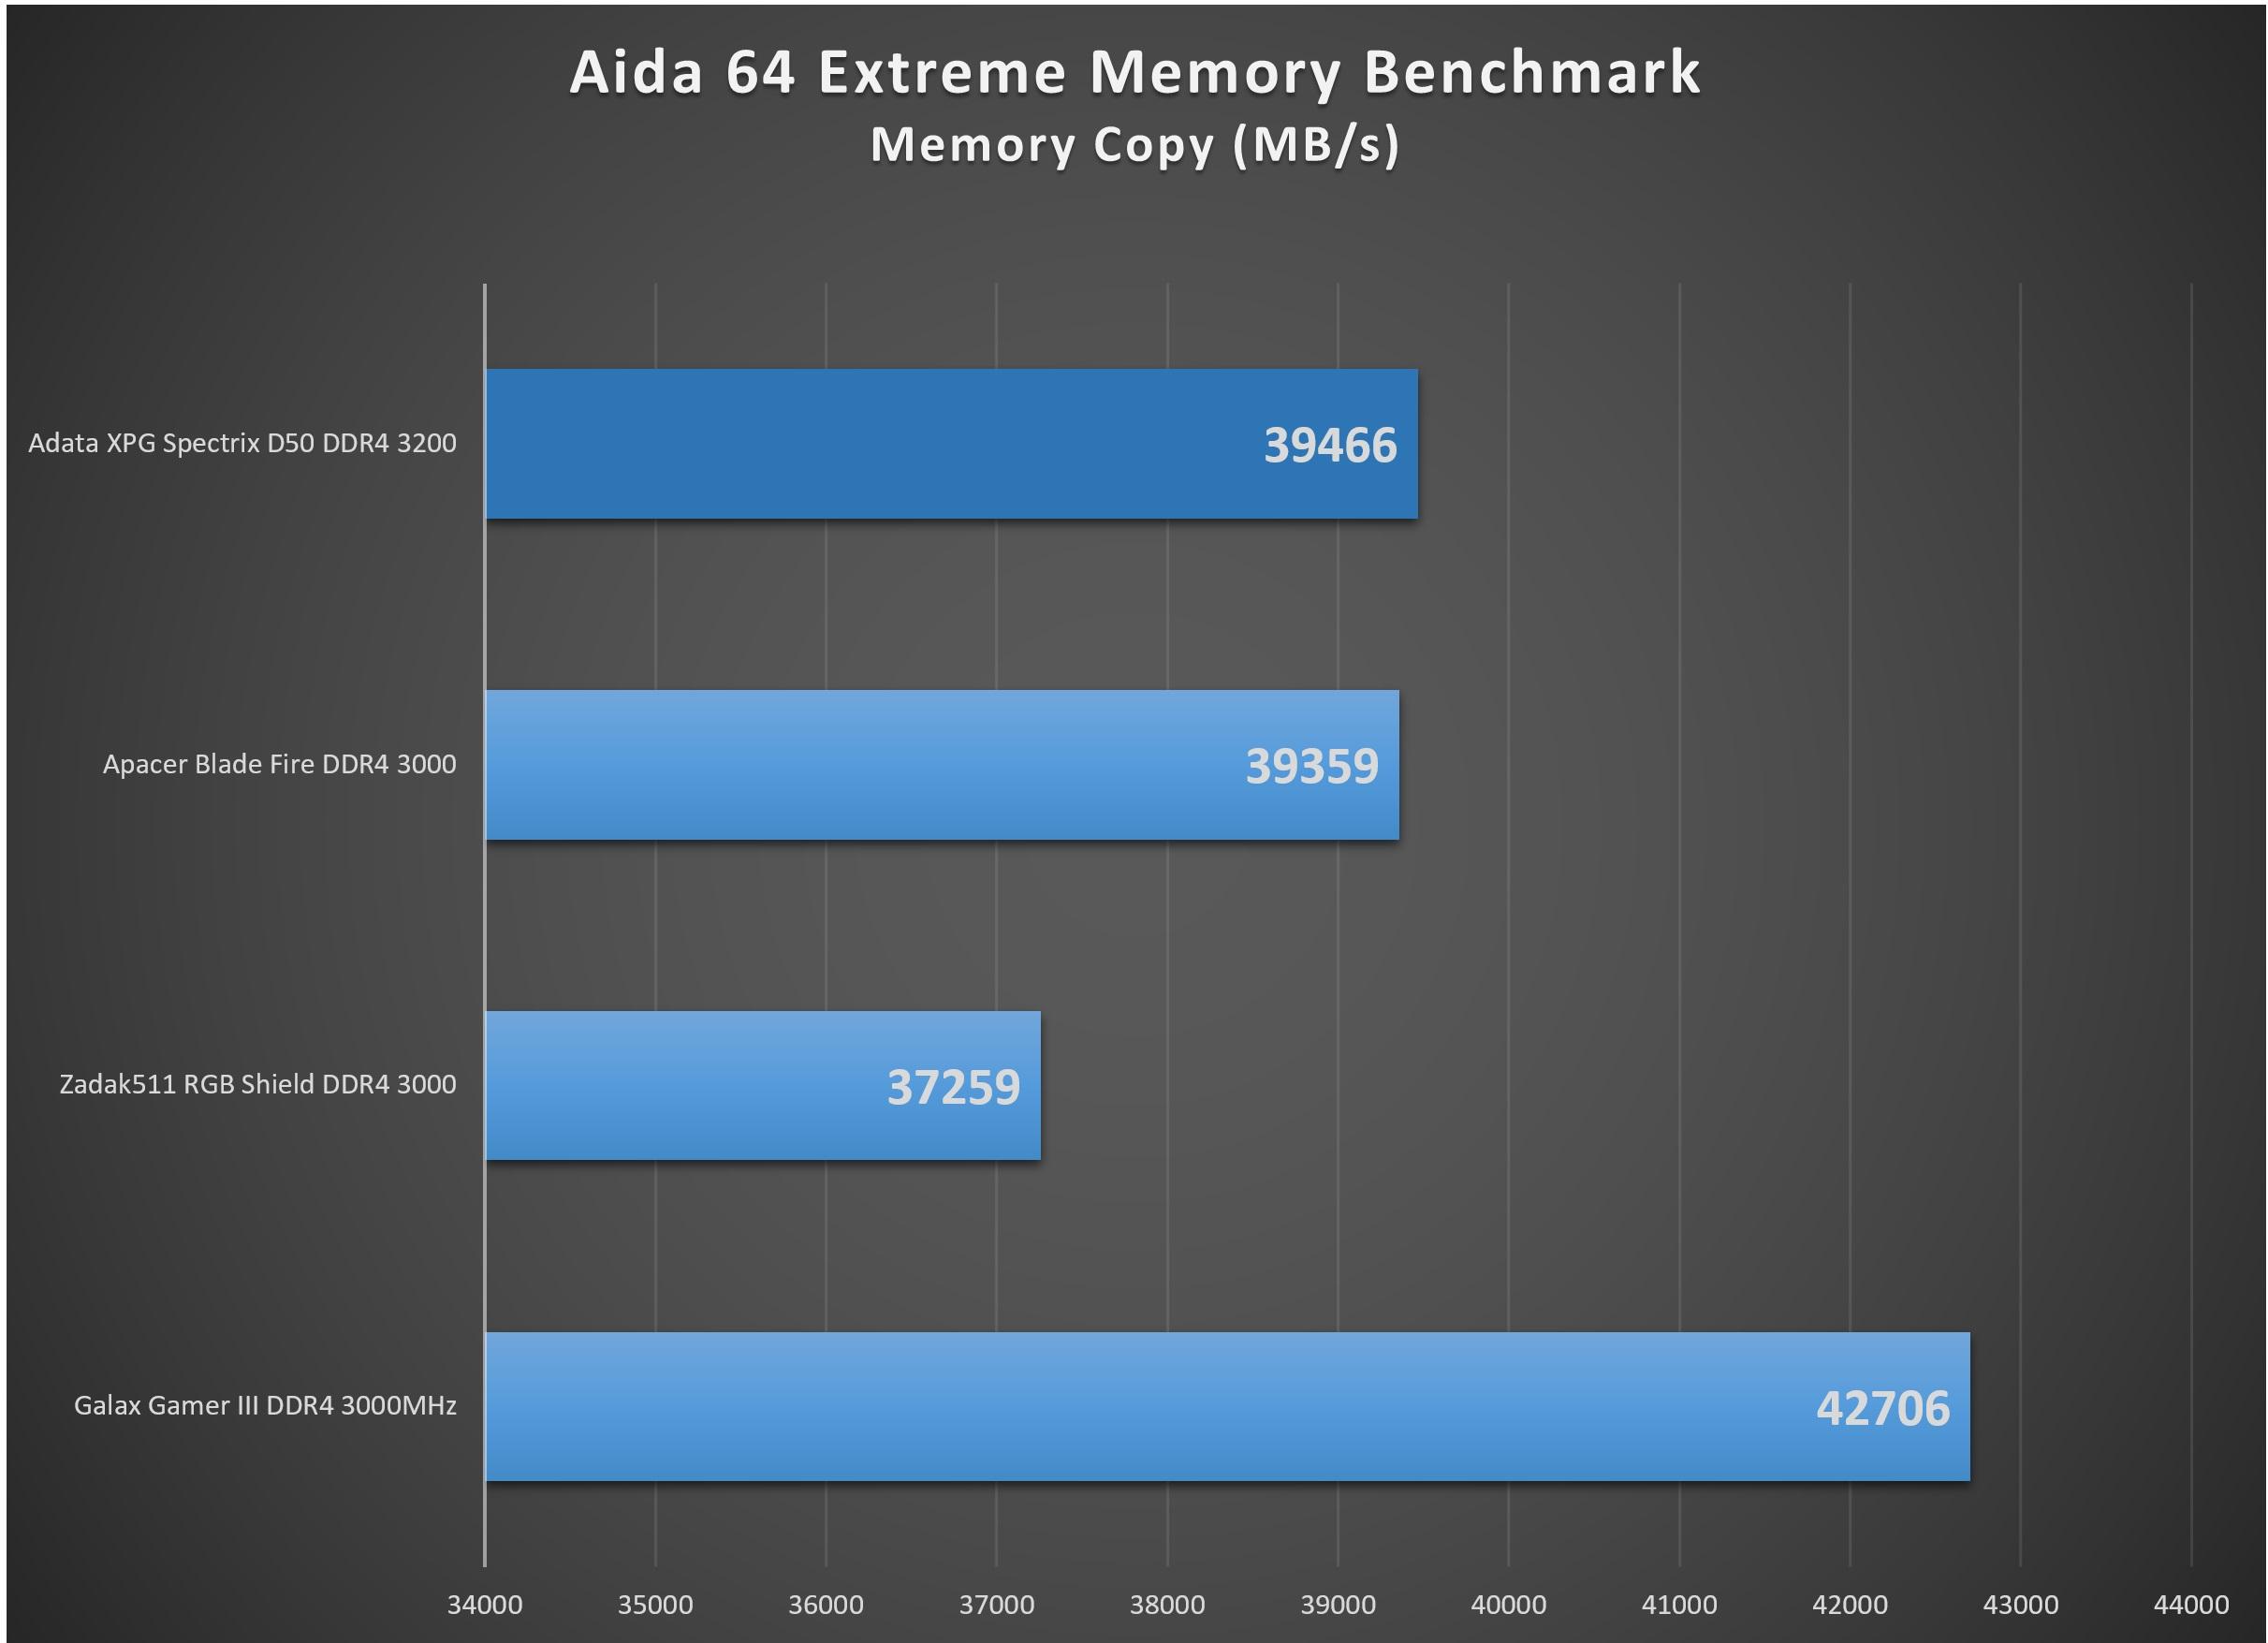 XPG_Spectrix_D50_3200-aida64_memorycopy